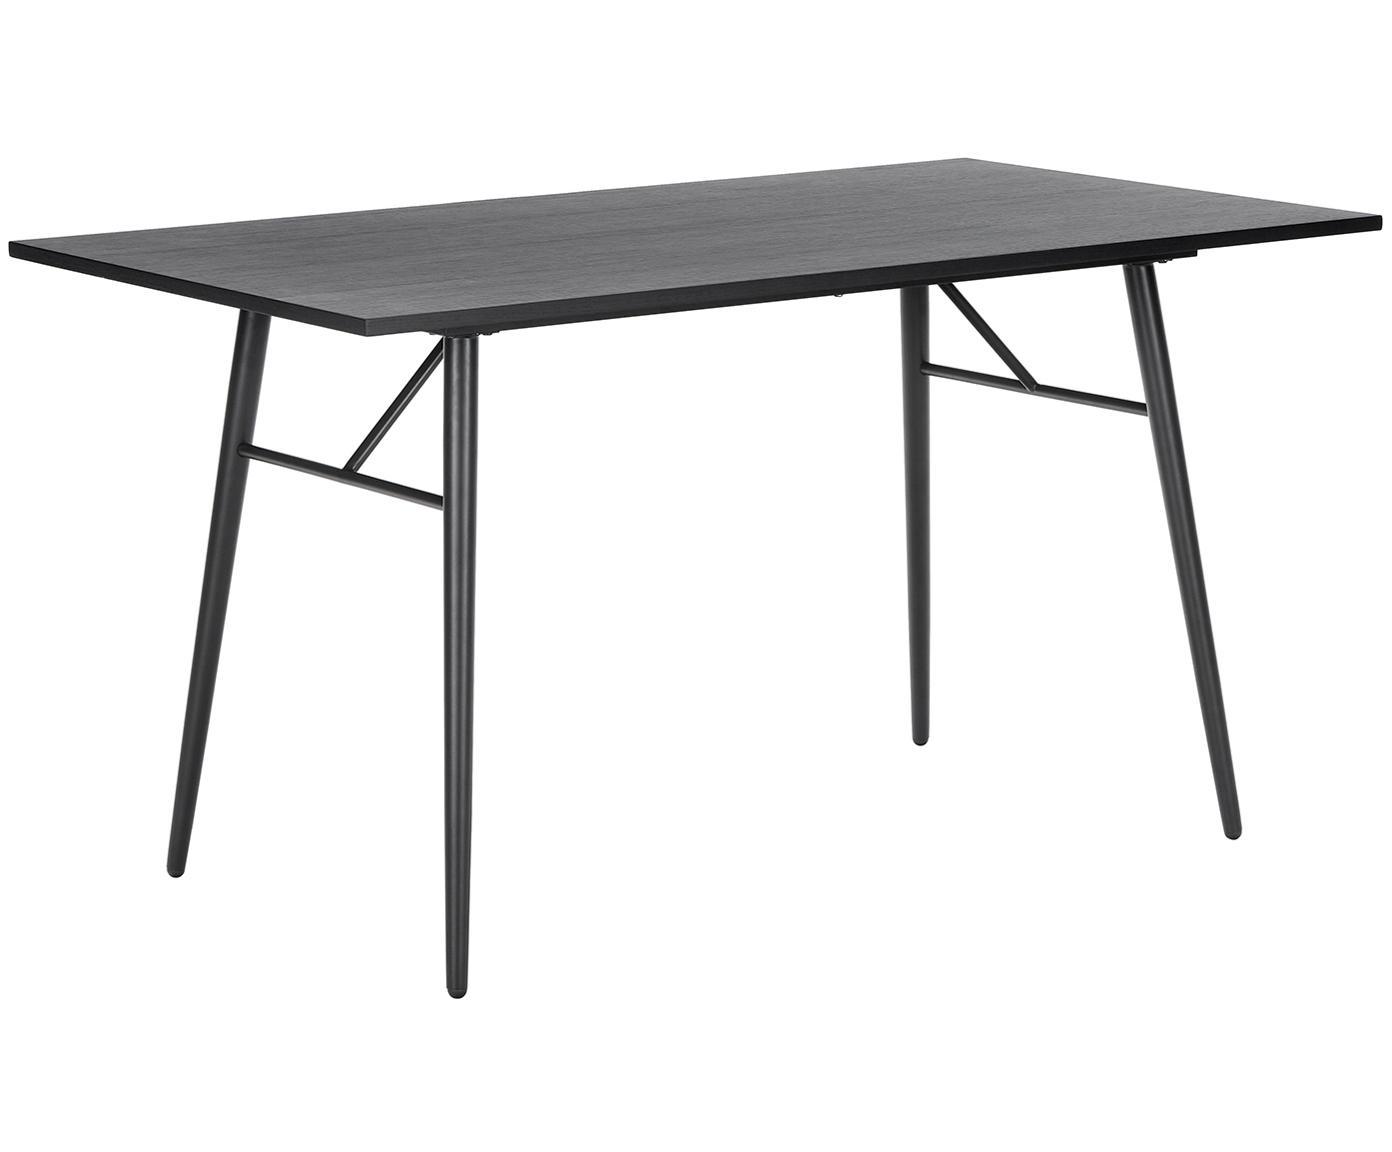 Tavolo in legno con struttura in metallo Jette, Piano d'appoggio: finitura in quercia, vern, Gambe: metallo verniciato a polv, Nero, Larg. 140 x Prof. 80 cm